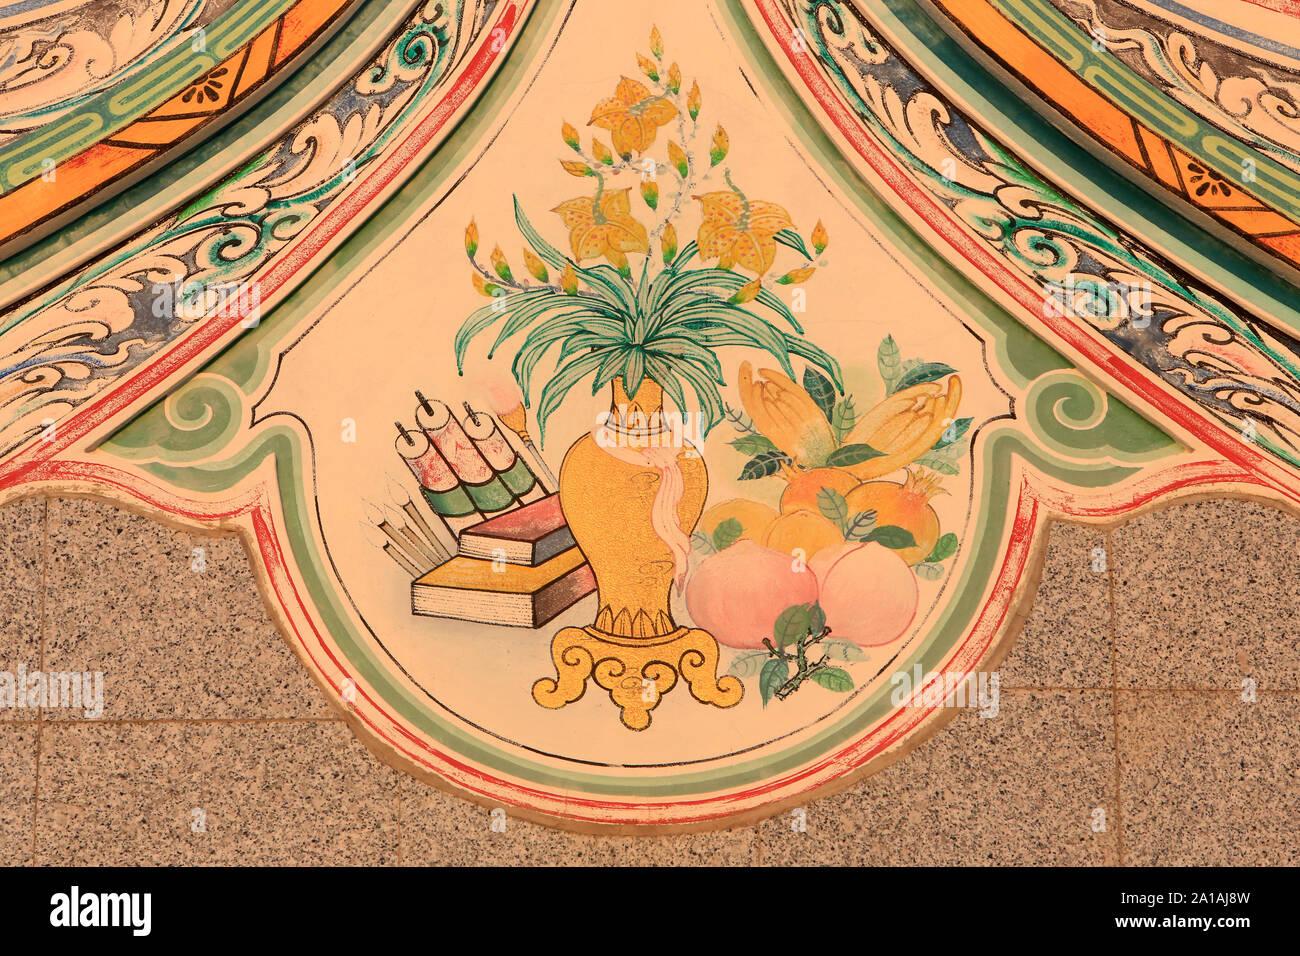 Jarrón, fleurs et frutos. Ilustración murale. El FUDE Miao Templo Chino. Teochew. 1968. Ventiane. Laos. Foto de stock